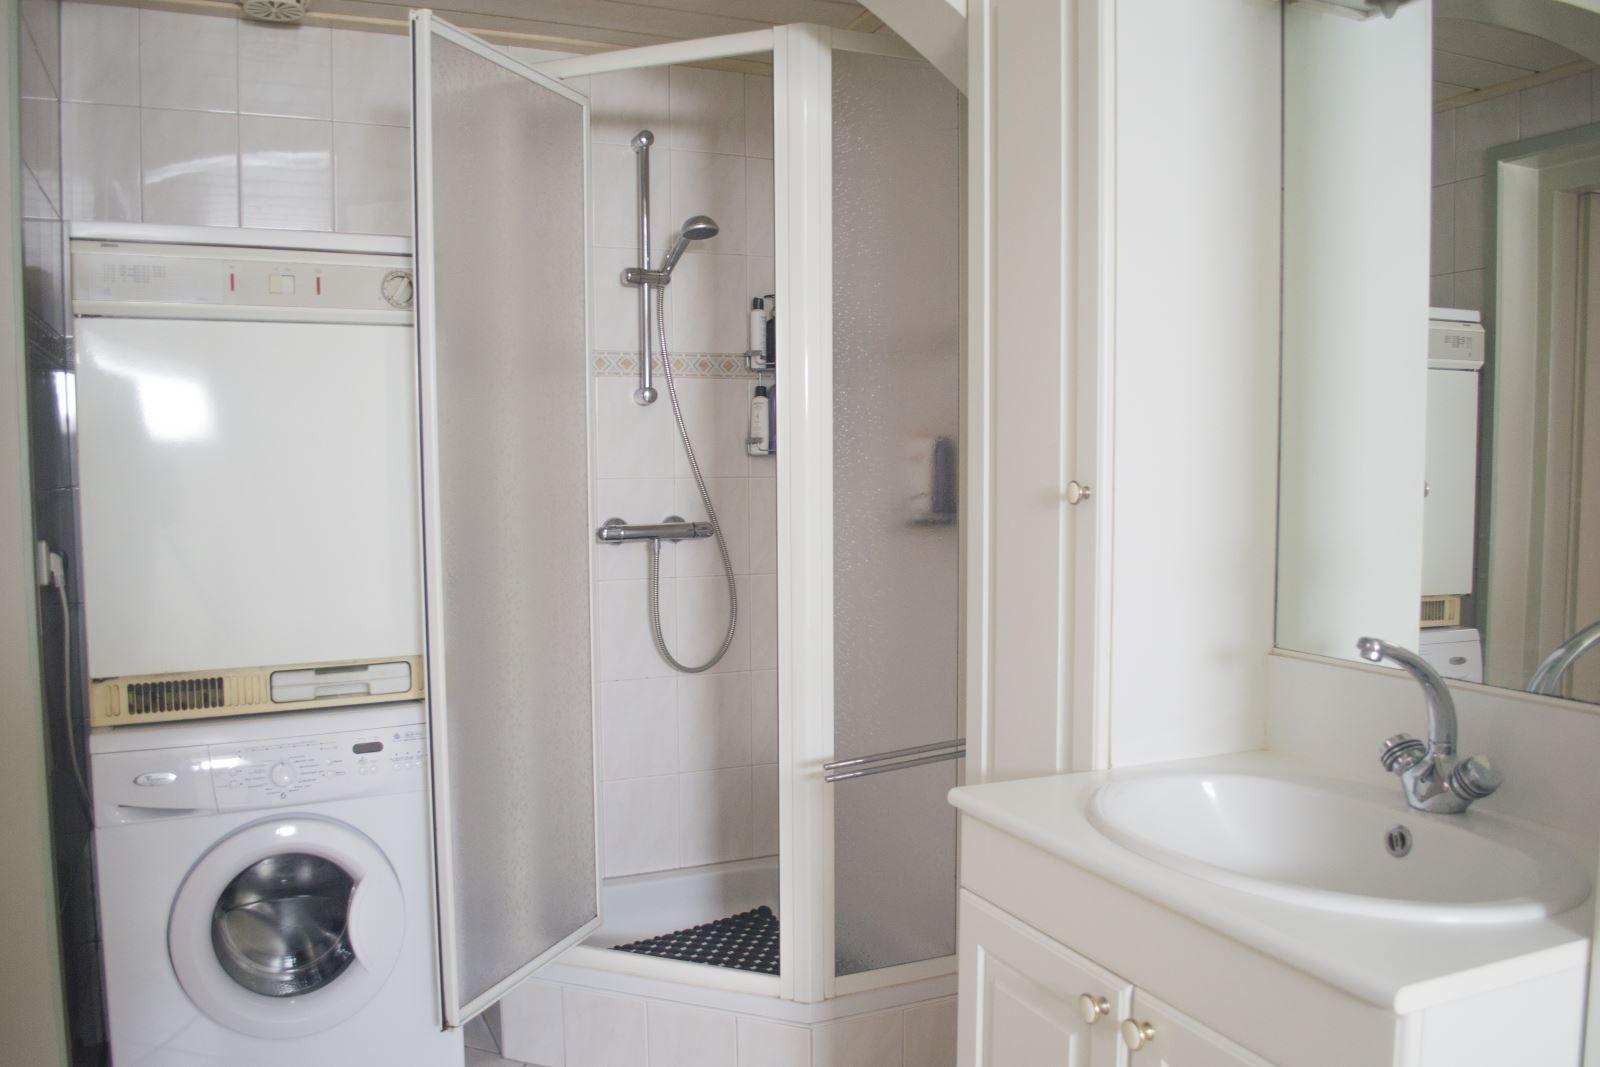 SEMI-BUNGALOW Deze semi-bungalow is gelegen op een perceel van 5.610 m² op loopafstand van natuurgebied -Gooren - Krochten - maar ook in de nabijheid van de Belgische grens en de uitvalswegen naar Breda en Antwerpen.   De woning beschikt naast de woonkamer en de keuken over een tweetal slaapkamers en een badkamer op de begane grond. Vanuit de woning heeft men direct toegang tot de bedrijfsloods weke voor meerdere doeleinden is te gebruiken. De woning is tevens voorzien van een oprijlaan welke plaats biedt aan meerdere auto-s en een verzorgd aangelegde tuin welke eventueel geschikt is voor het houden van paarden en/of kleinvee.      BEDRIJFSGEBOUW  Dit voormalig melkveebedrijf is gebouwd in 1983 en vanaf 1994 in gebruik voor houtbewerking en gedeeltelijk opslag. Het bedrijfsgebouw bestaat uit circa 560 m² vloeroppervlakte, bestaande uit circa 215m² werkplaats, circa 261 m² opslagruimte, circa 43 m² kantine/toilet/kantoorruimte en circa 41 m² garage. De kantoorruimte is toegankelijk vanuit de oprit waar de diverse parkeerplaatsen zich bevinden. De opslagruimte is aan de achterzijde toegankelijk middels een overhead deur van 4.00 m¹ hoog. Vanuit de opslagruimte heeft men toegang tot de werkplaats middels een roldeur van 3.20 m¹ hoog. De garage is toegankelijk middels een elektrische bedienbare sectionaal deur en middels een loopdeur vanuit de opslagruimte.   BOUWAARD Bouwstijl- Traditioneel gebouw opgetrokken met baksteen (spouw) waarvan de wanden zijn gepotdekseld met hout. Het gebouw is voorzien van een stalenconstructie. Dak en dakbedekking- Zadeldak bedekt met asbesthoudende golfplaten.  Begane grondvloer- Betonnen vloer (voorzien van de oude mestkelders welke toegankelijk zijn vanuit de garage.) 1e verdiepingsvloer- Houten verdiepingsvloer (dit is de zolder boven de woning). Isolatie- De werkplaats is voorzien van Dupanel platen.  Verwarming- De werkplaats wordt verwarmd middels een heather.  Verwarming- De opslagruimte wordt verwarmd middels een gaskachel. Verwar